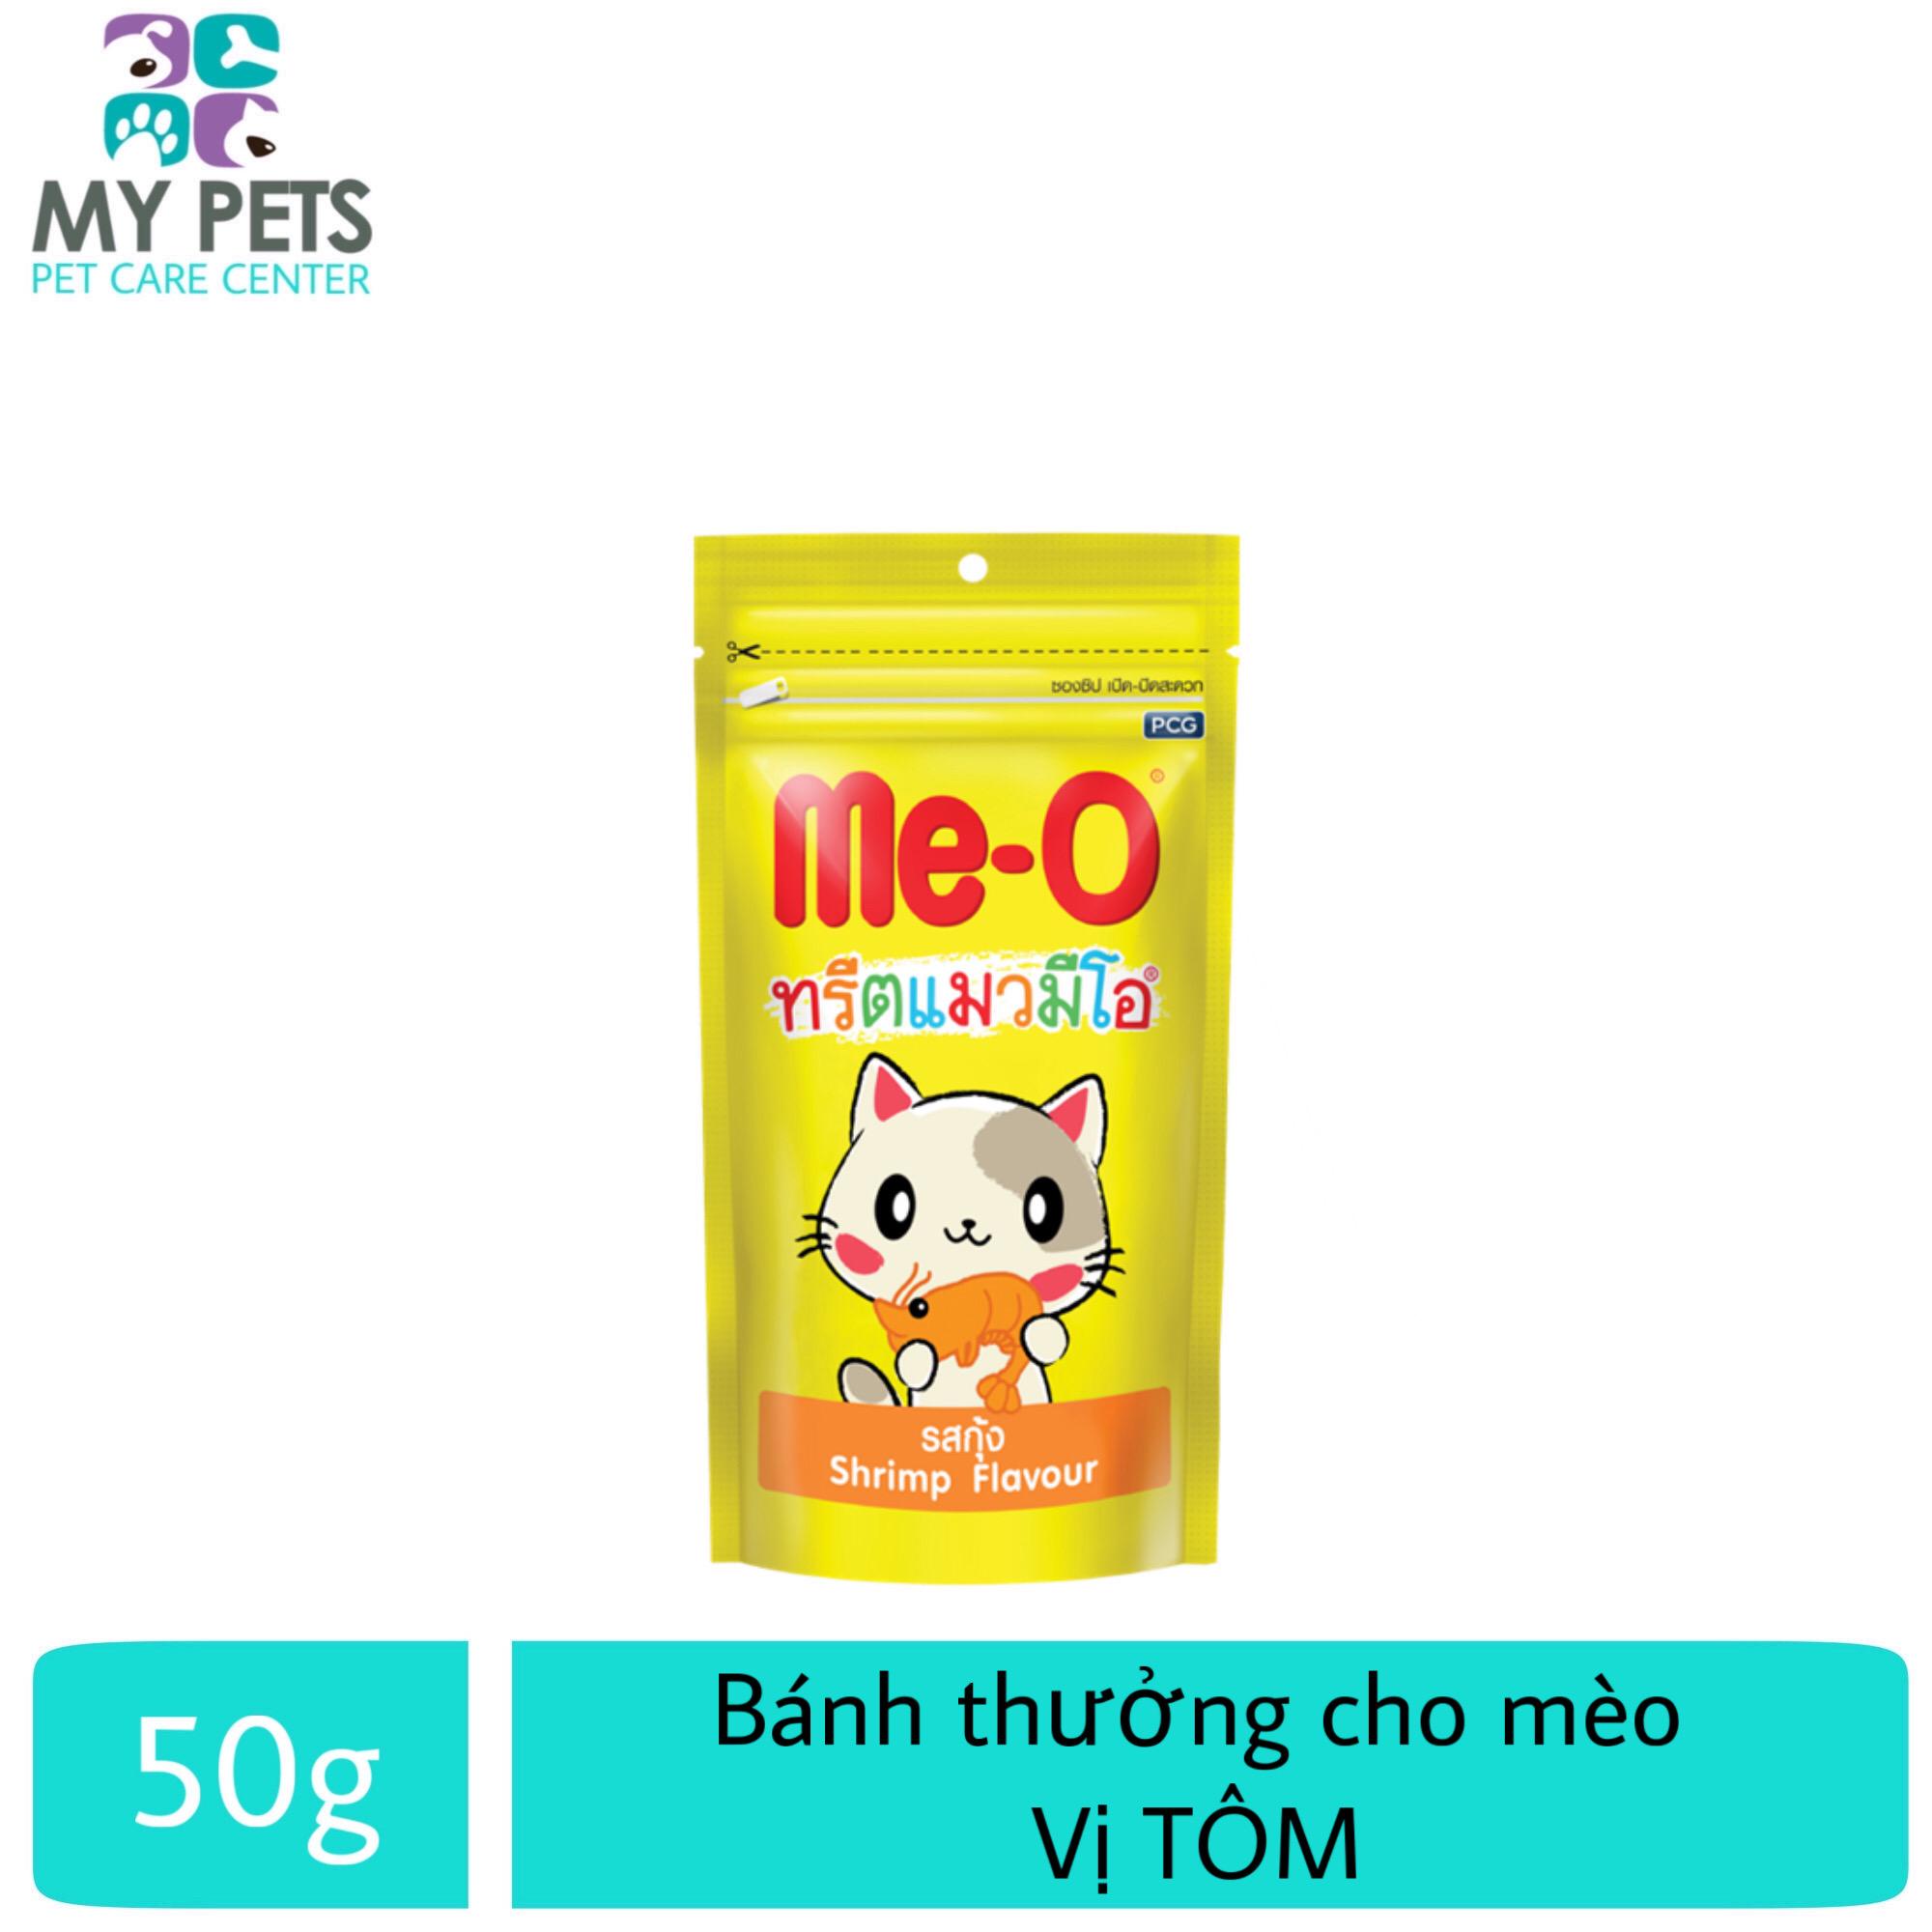 Giá Cực Tốt Để Sắm Bánh Thưởng Cho Mèo Me-o Hương Vị  Tôm- Gói 50g